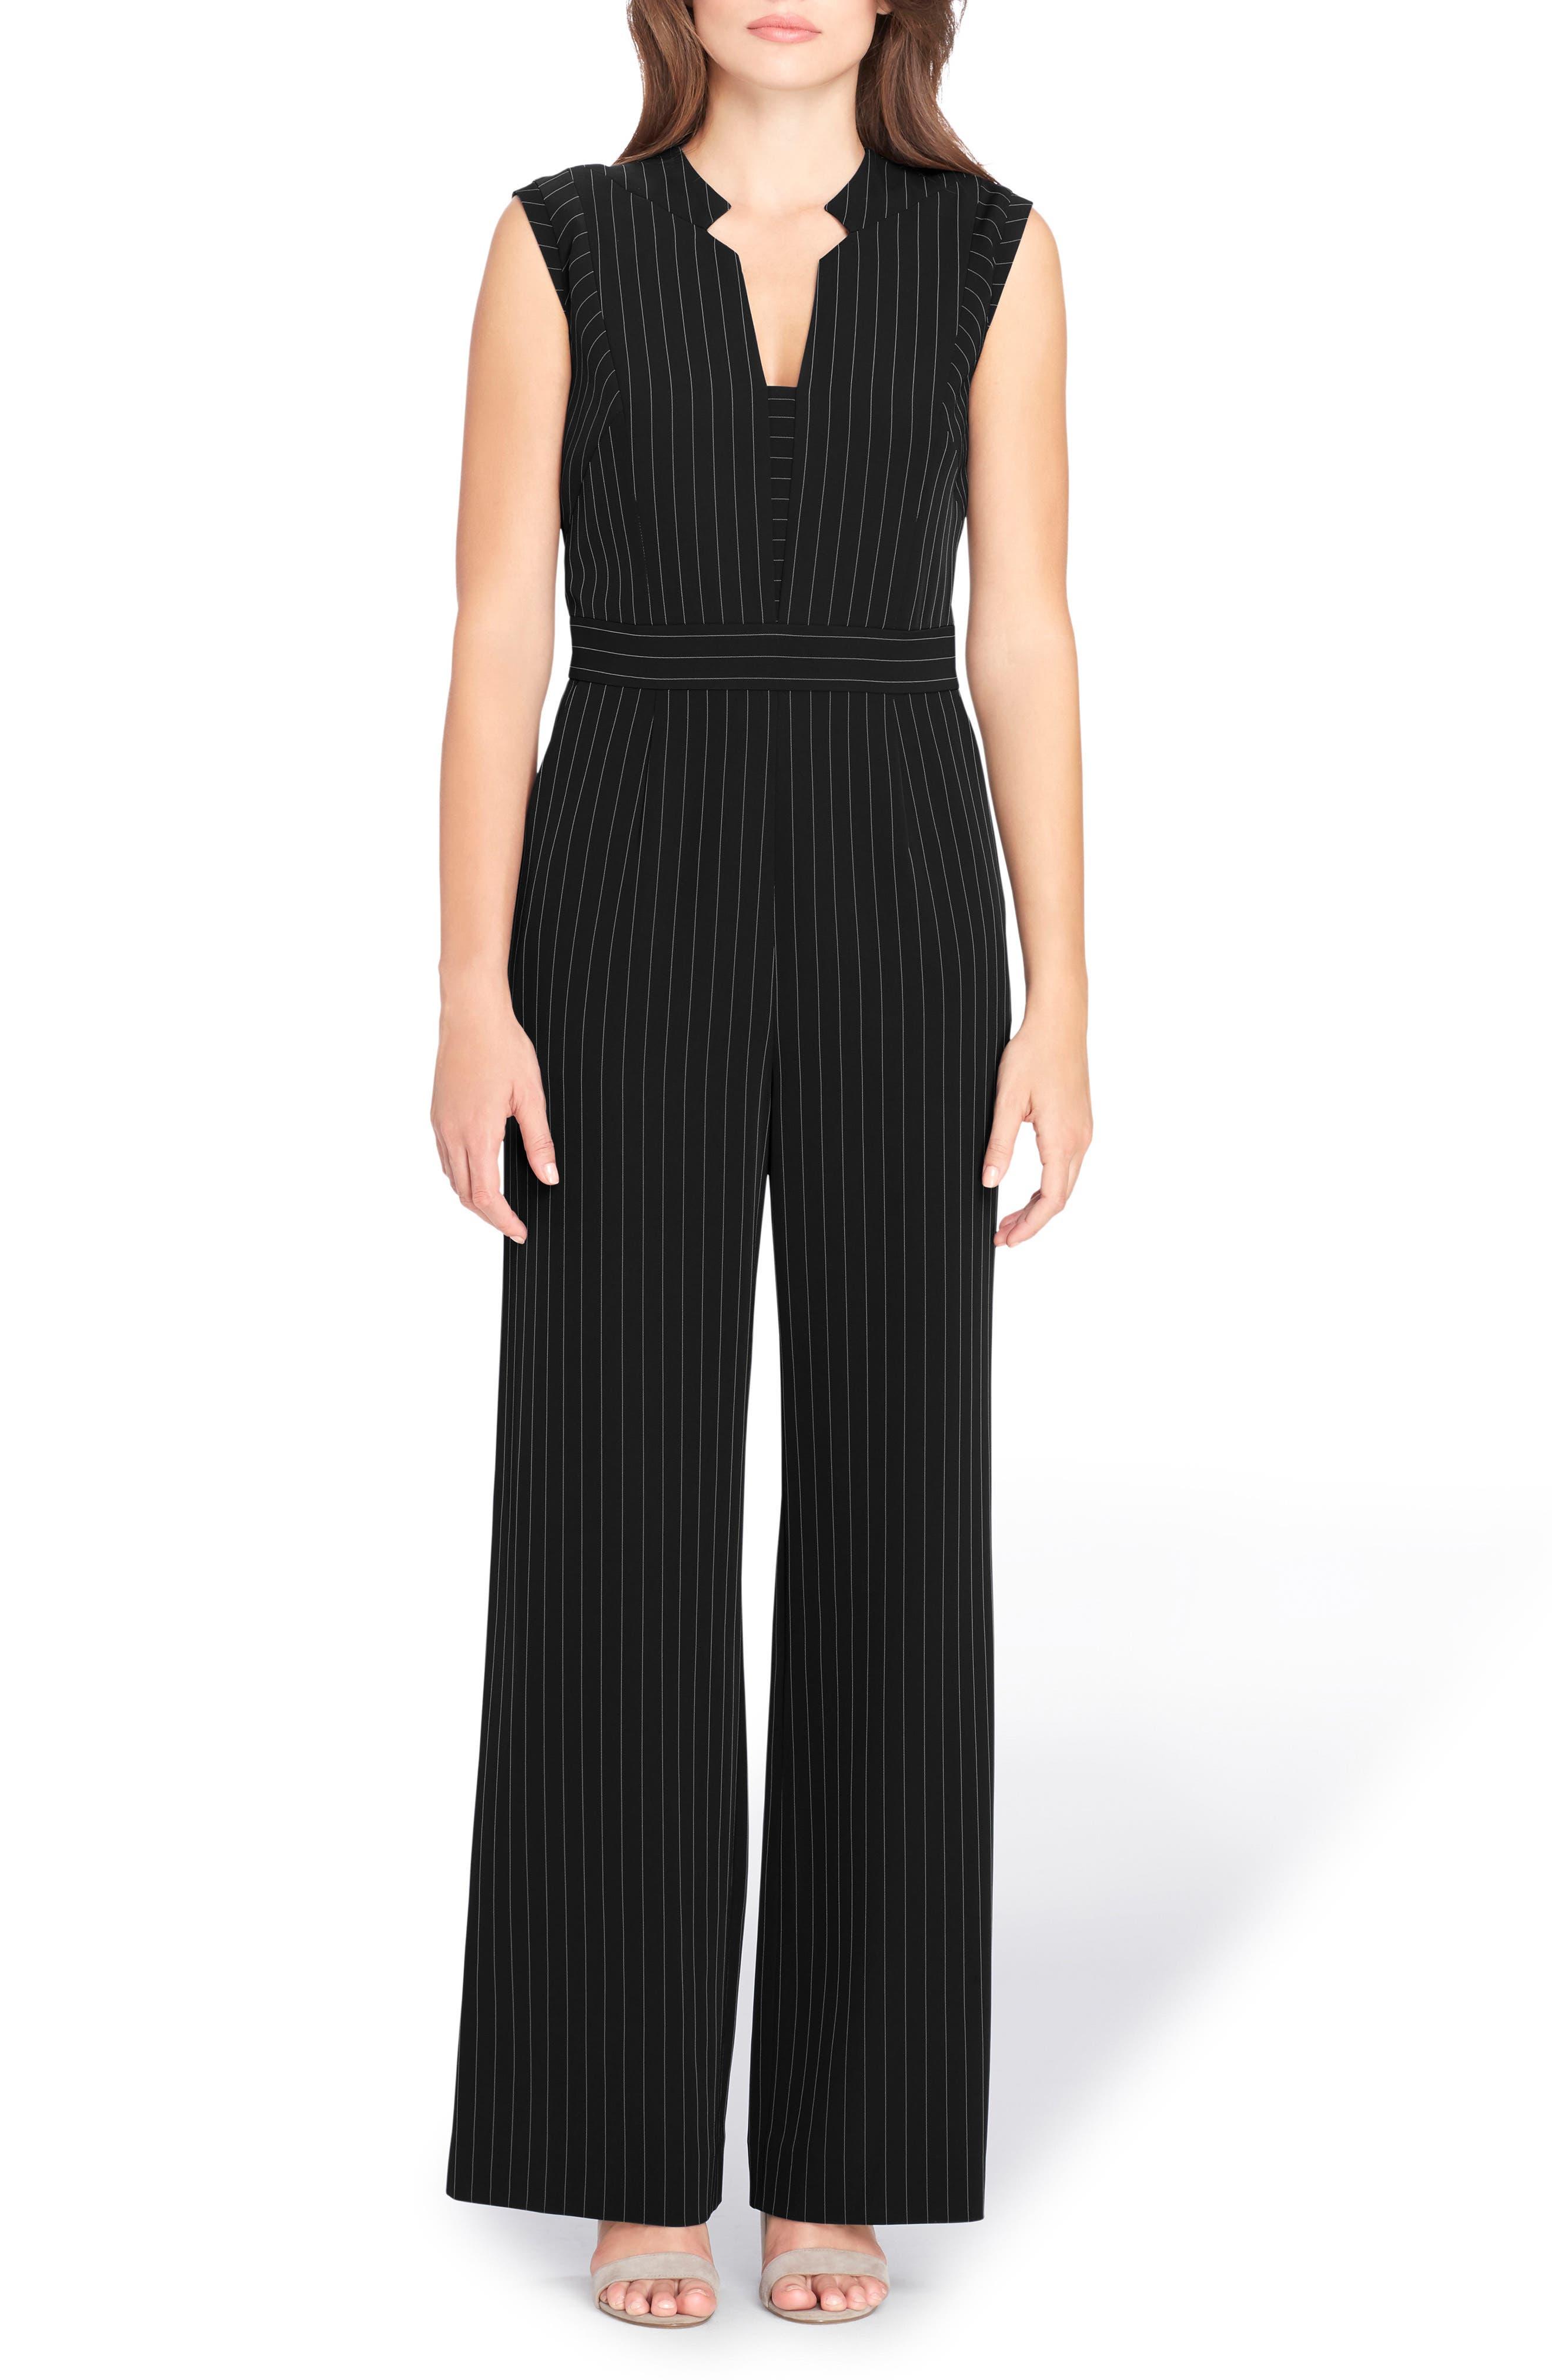 Alternate Image 1 Selected - Tahari Pinstripe Jumpsuit (Regular & Petite)